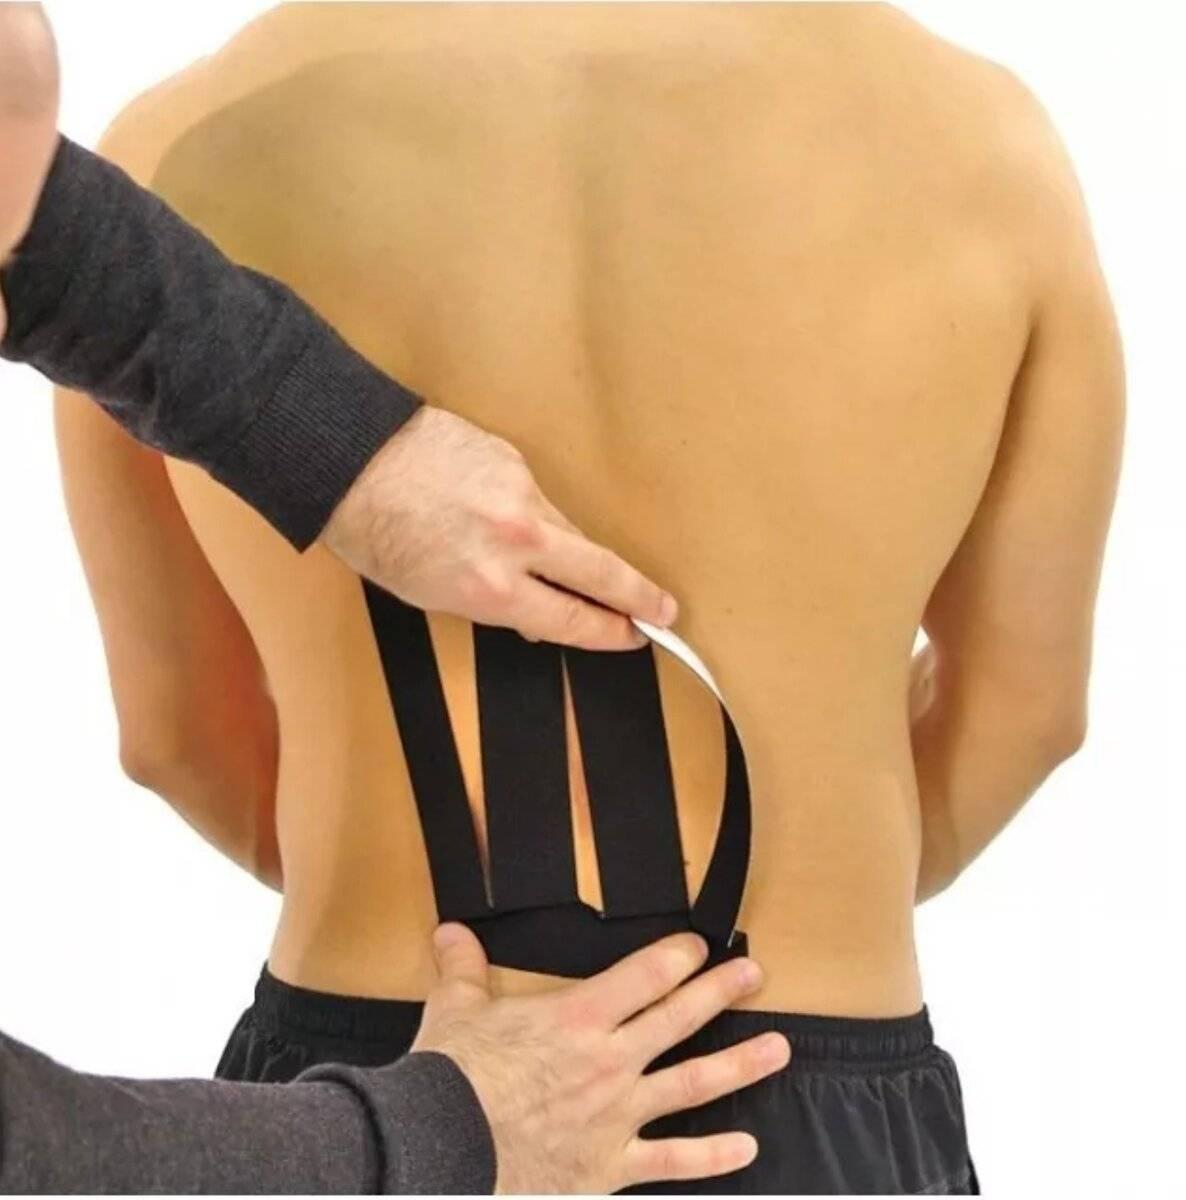 Кинезиотейпирование спины: накладывание тейпа на поясничный отдел и позвоночник